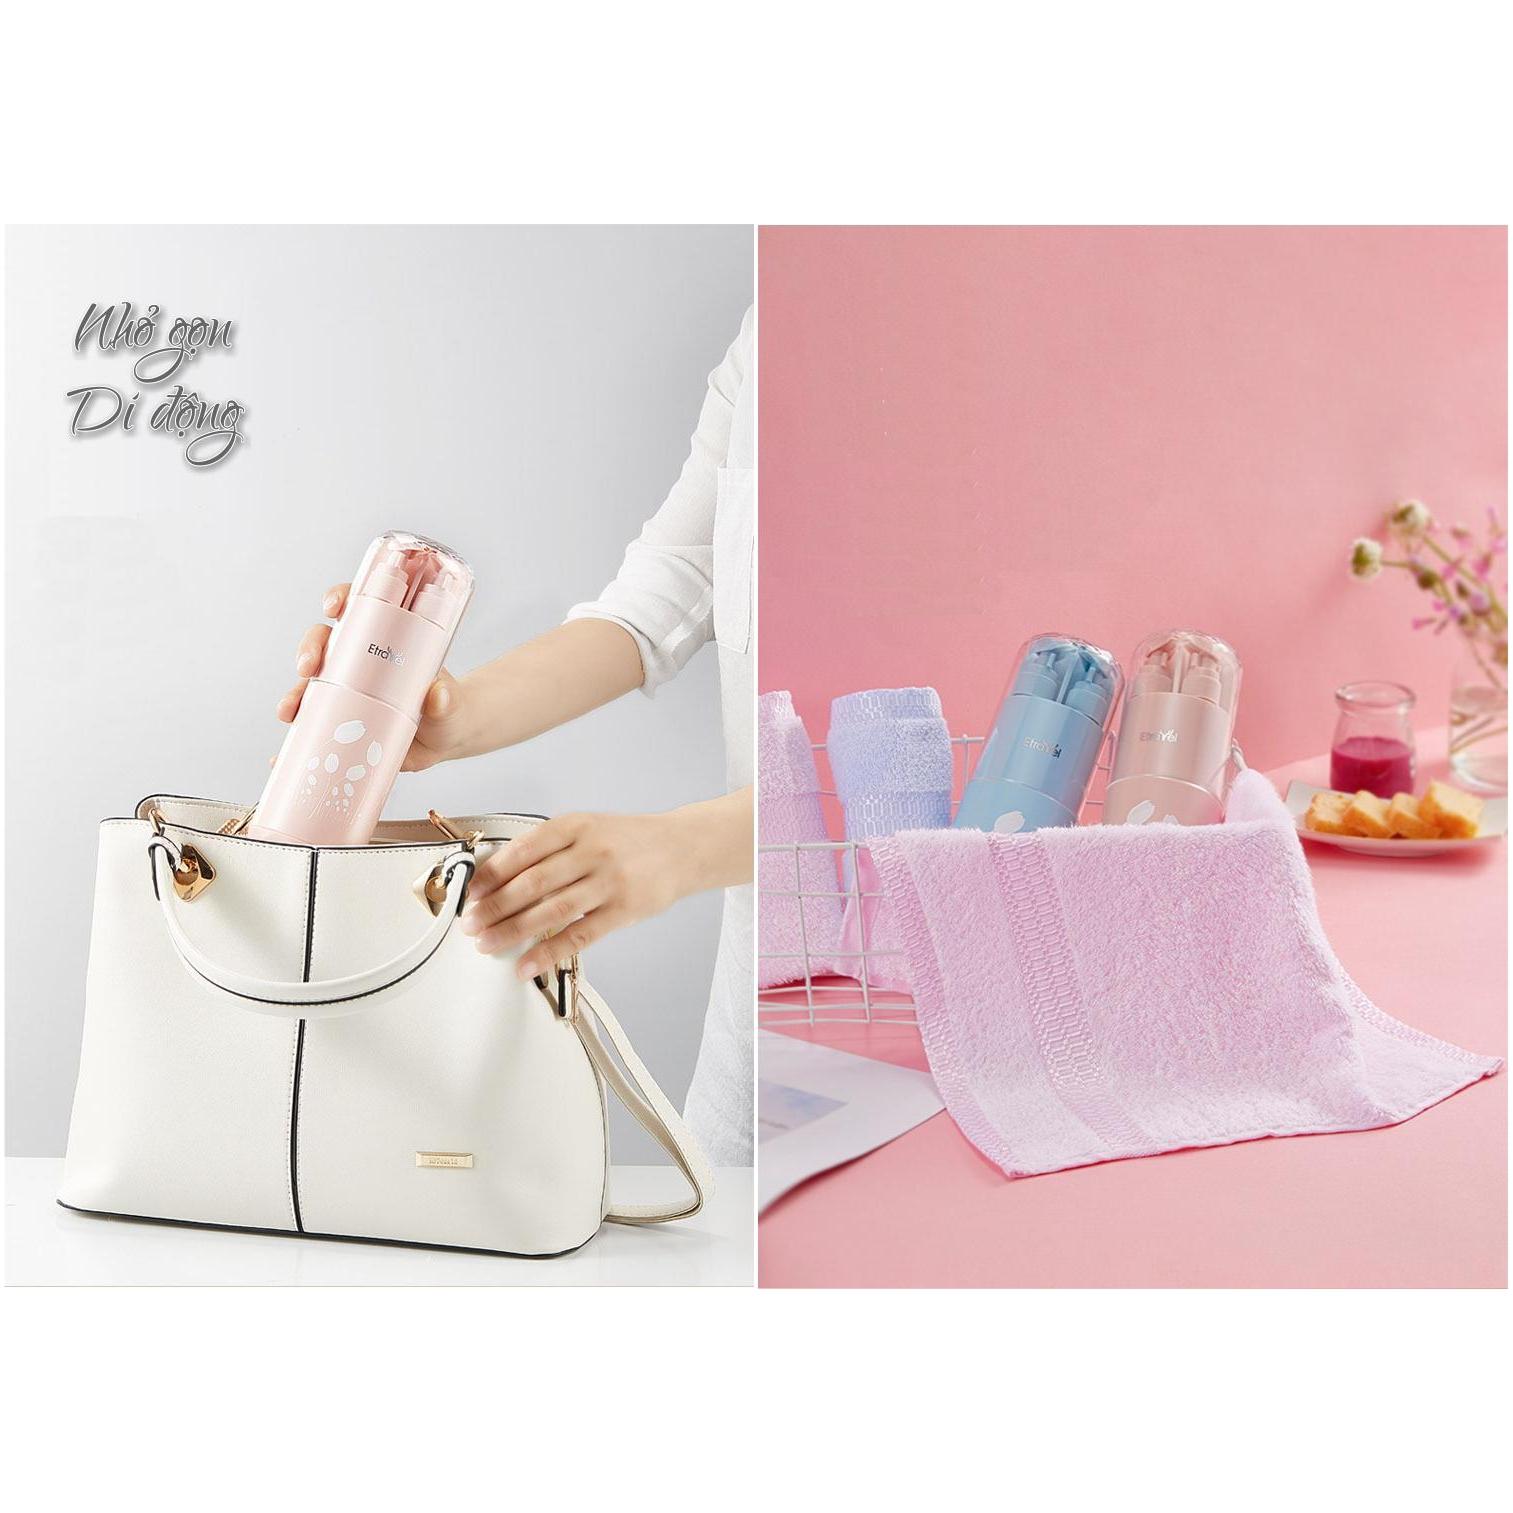 Hộp đựng bàn chải, kem đánh răng, lược, khăn mặt và mỹ phẩm - TRAVEL KIT ETRAVEL mới